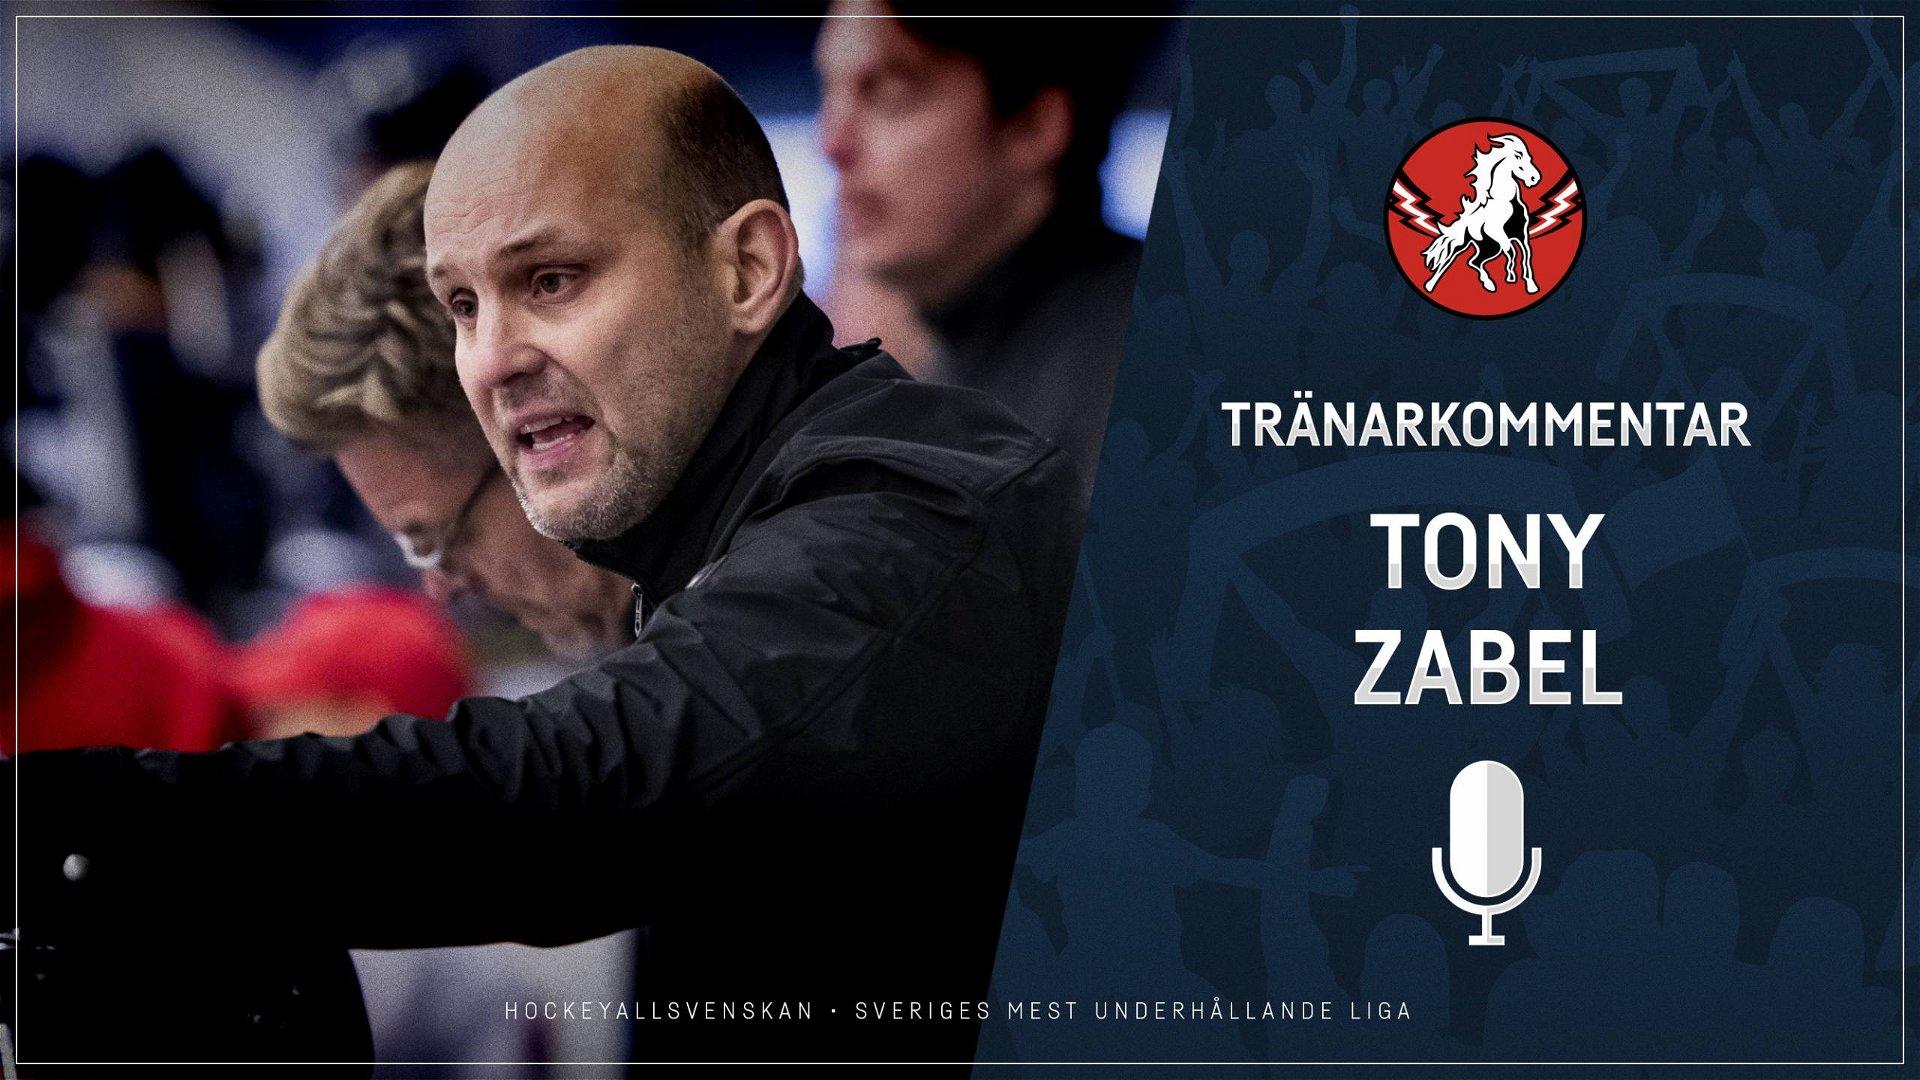 2021-02-22 Segerintervju: Tony Zabel